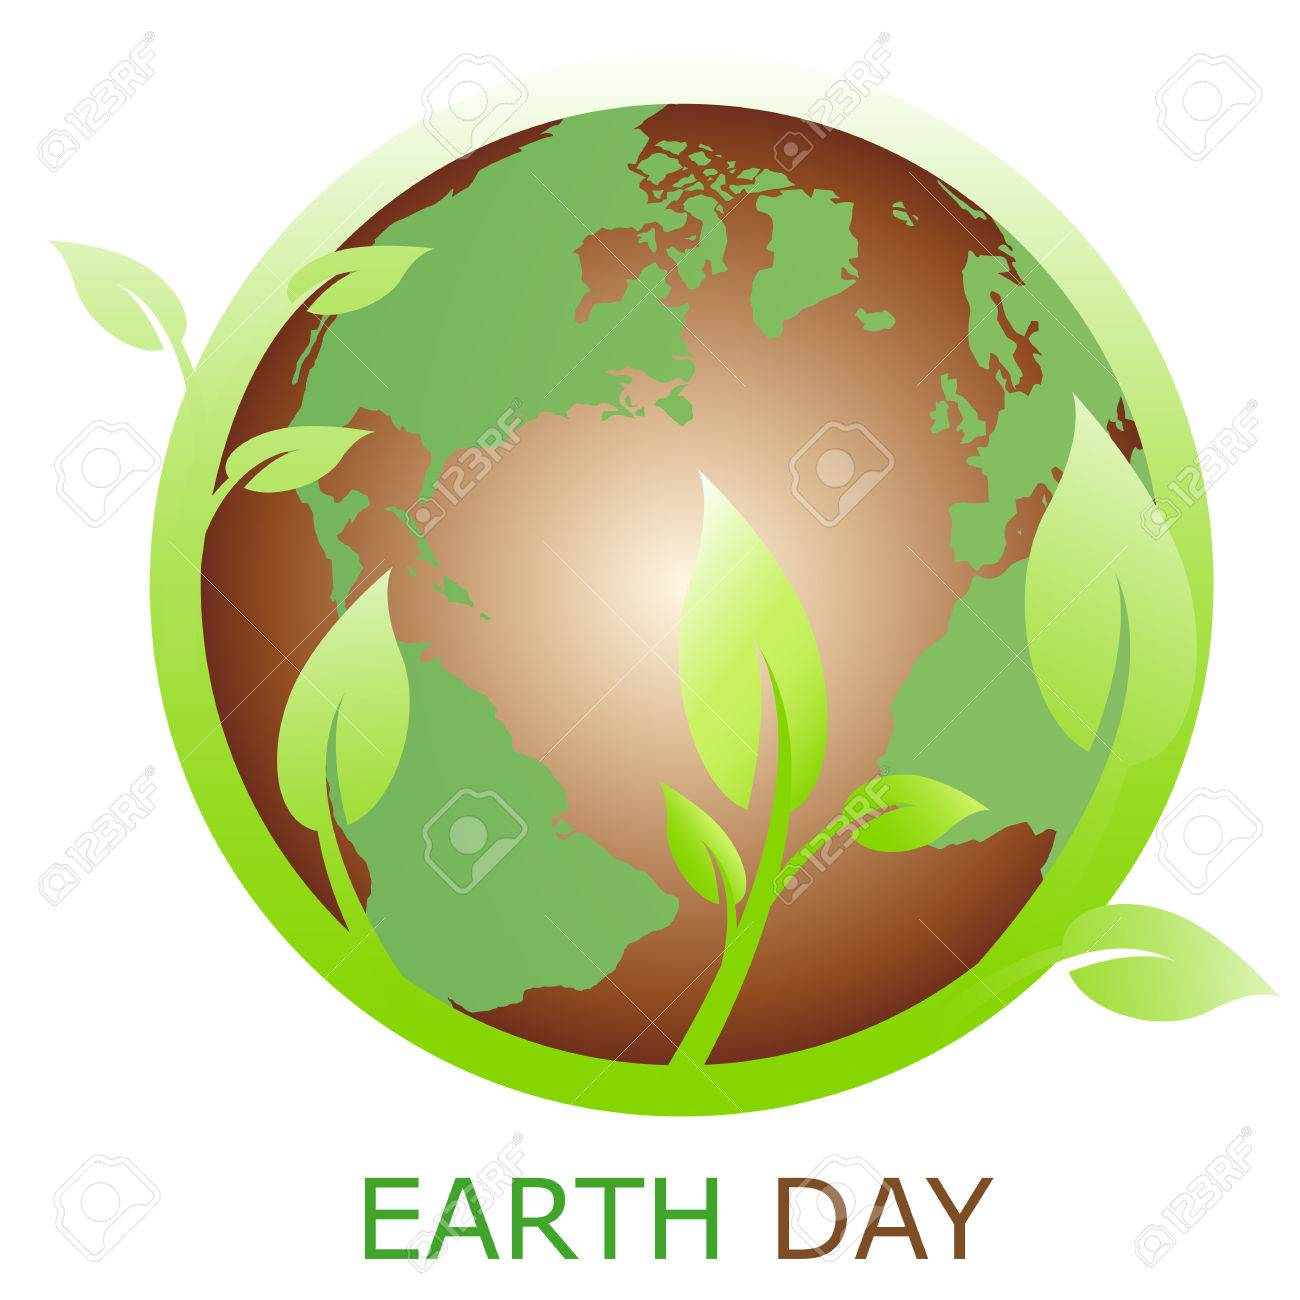 Earth symbol logo company royalty free cliparts vectors and earth symbol logo company stock vector 6638284 buycottarizona